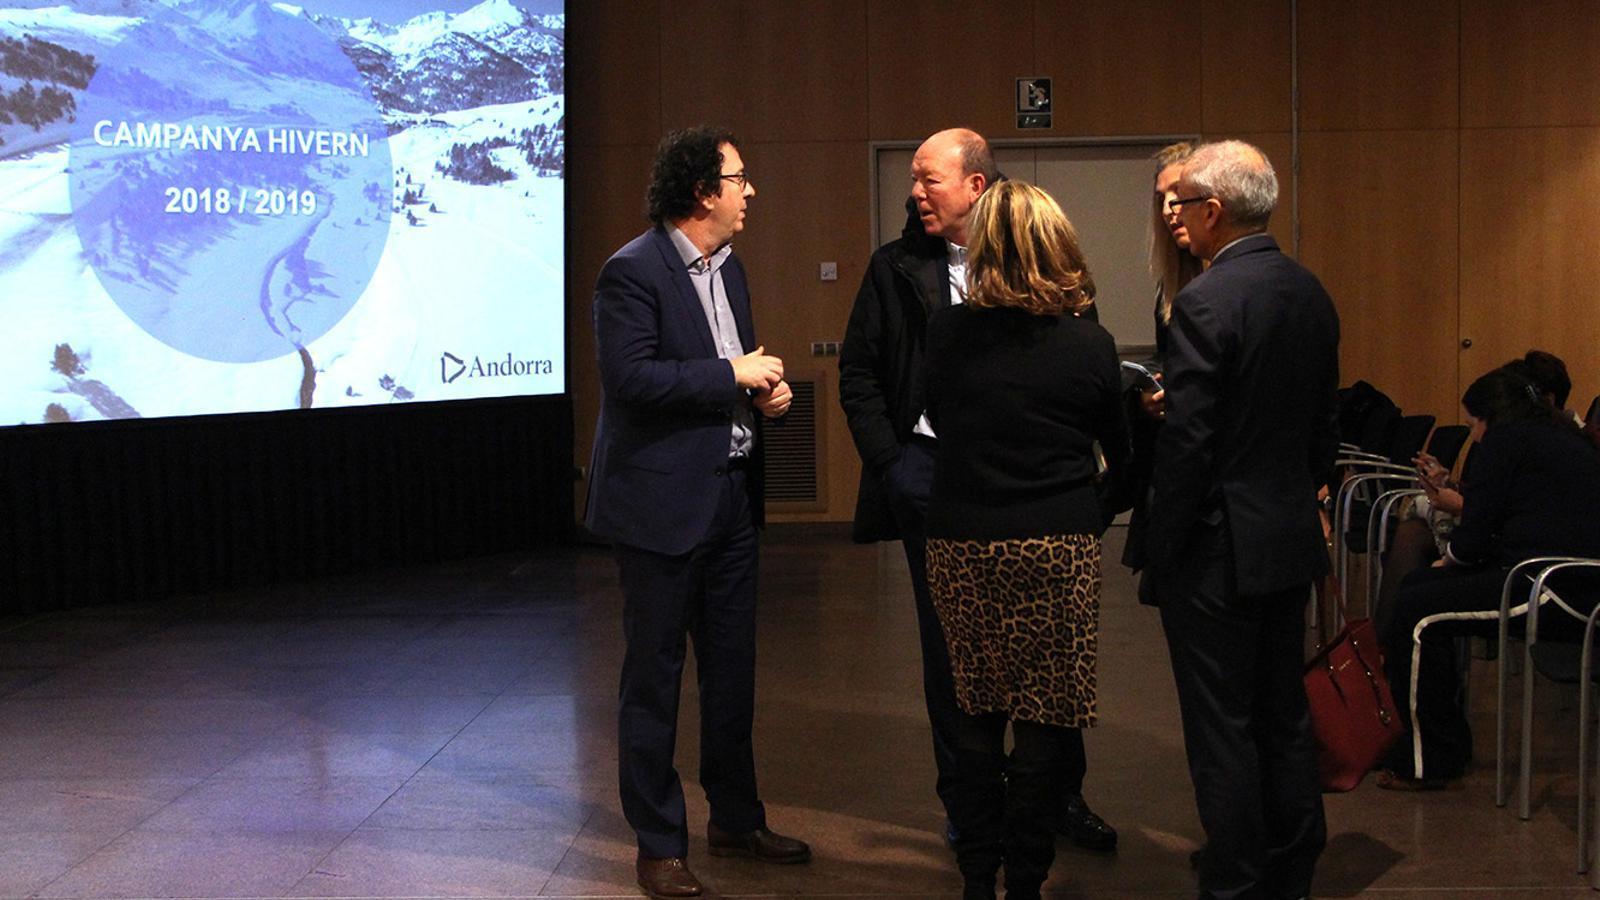 El gerent d'Andorra Turisme, Betim Budzaku, i el ministre de Turisme, Francesc Camp, conversen amb assistents a la presentació de la campanya. / M. F. (ANA)